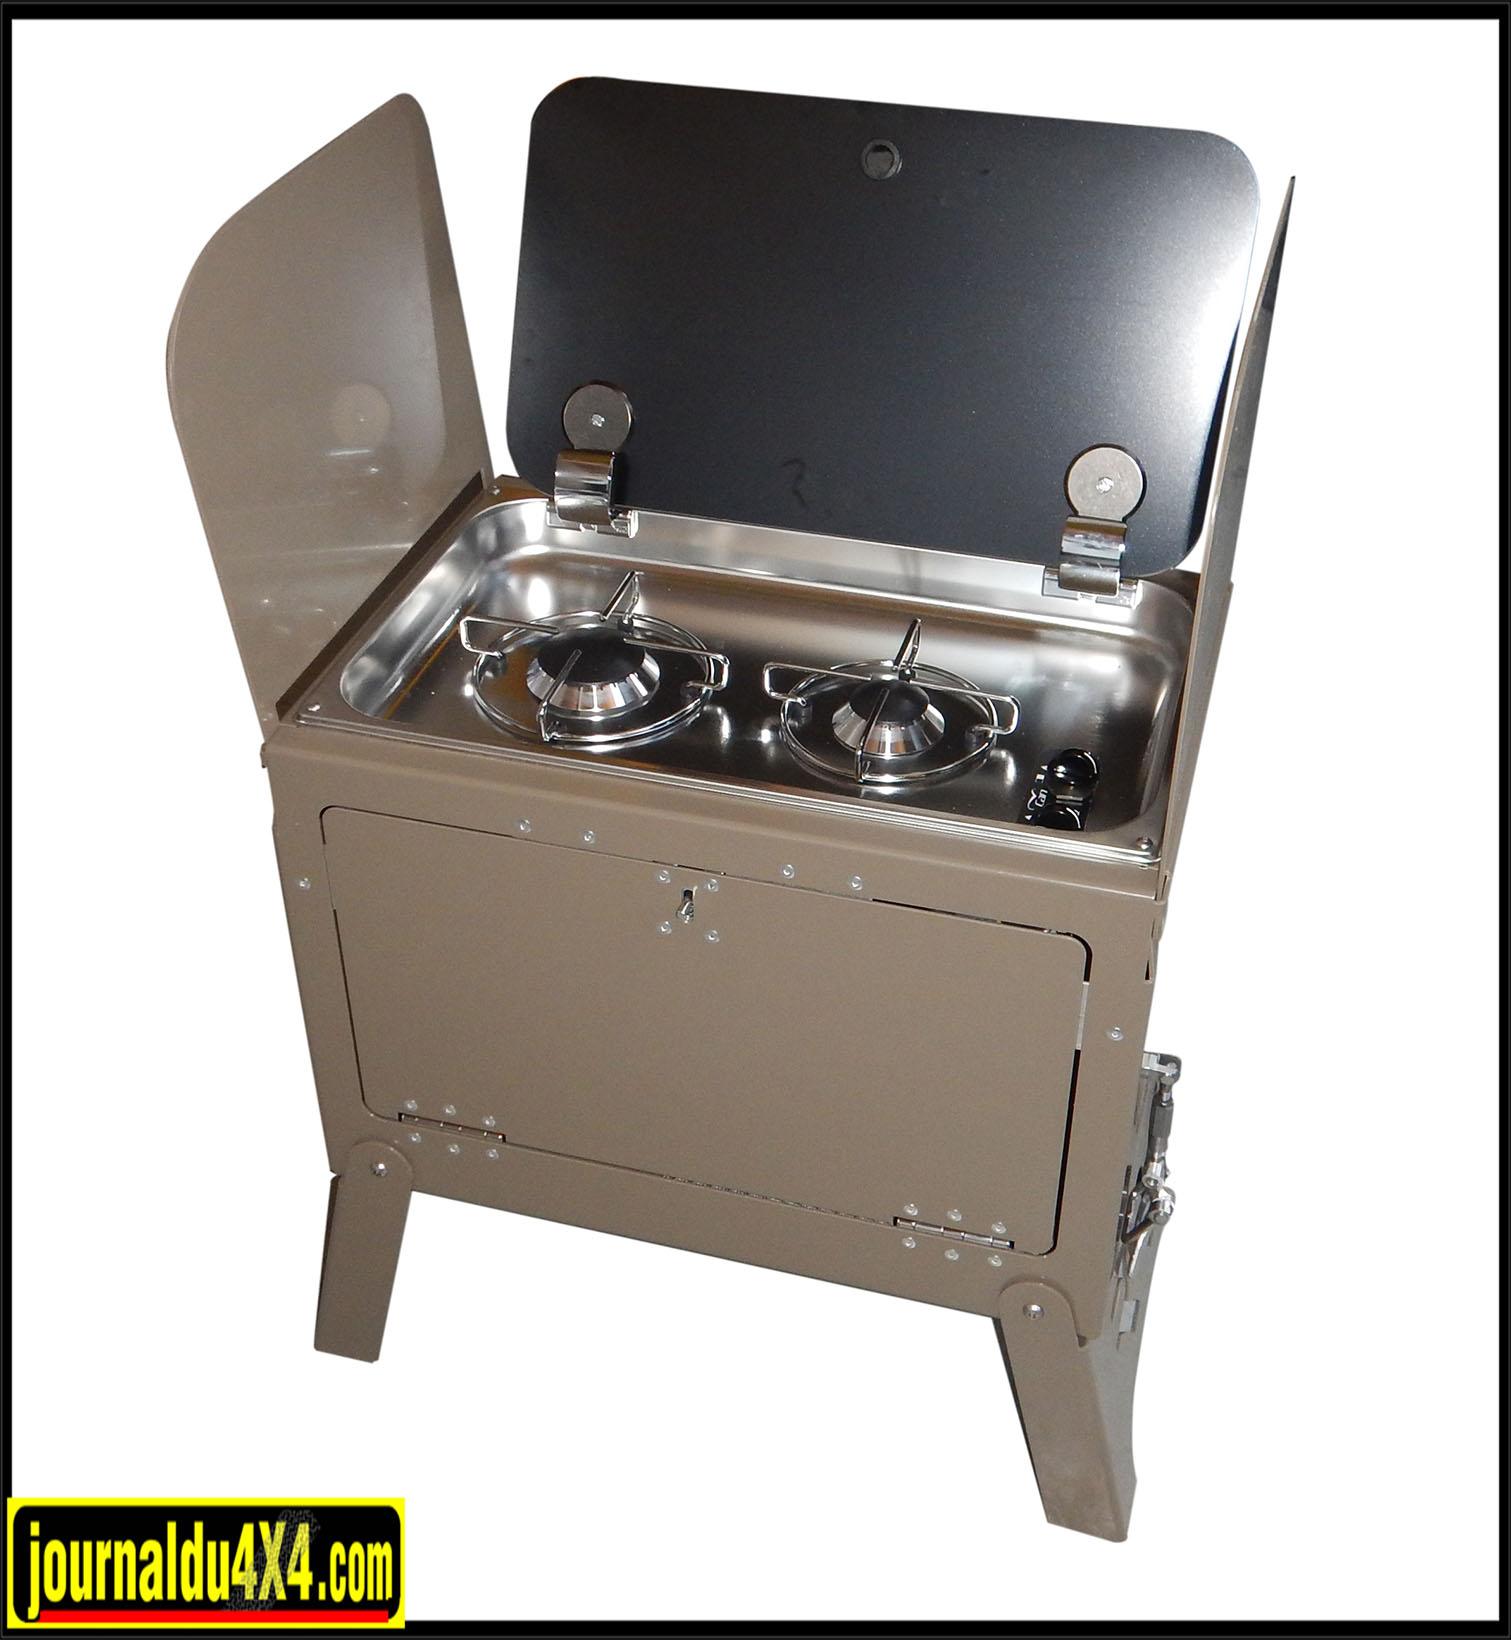 RRC-meuble-cuisine-amovible-2-feux-detoure.jpg